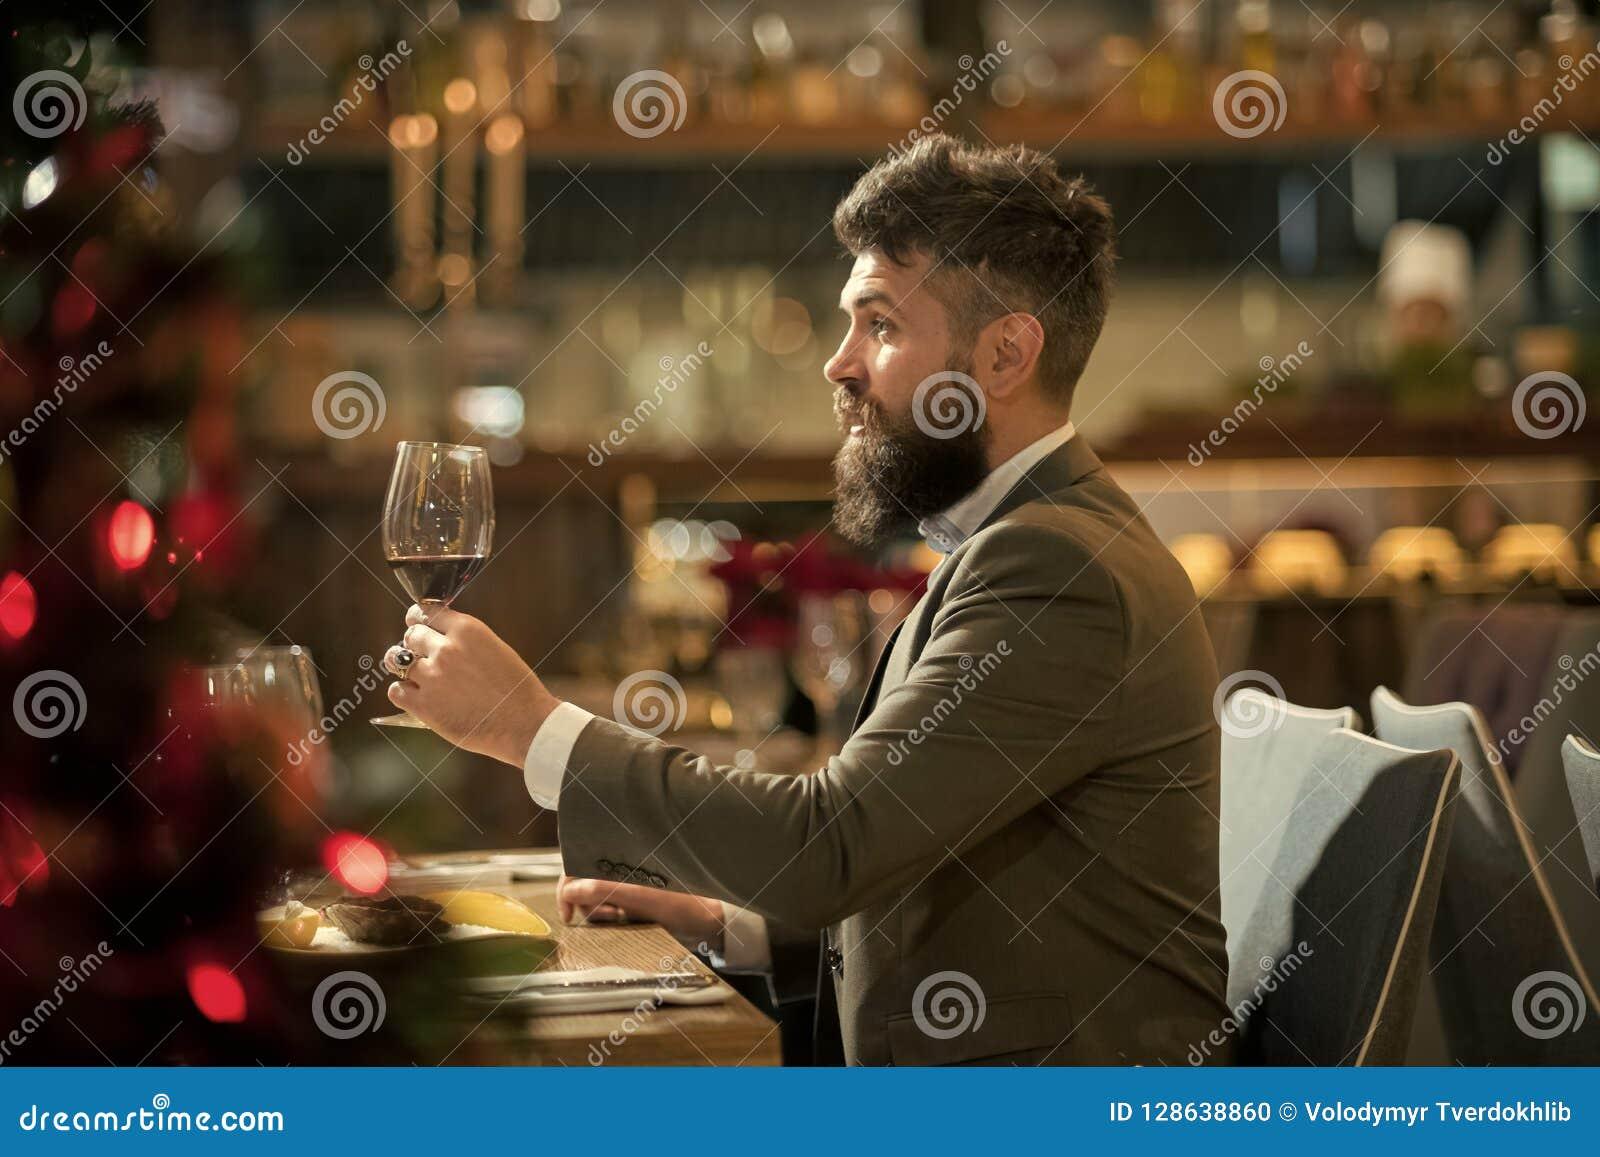 Έξοδα του μεγάλου χρόνου στο εστιατόριο Όμορφο γυαλί εκμετάλλευσης νεαρών άνδρων με το κόκκινο κρασί και χαμόγελο στο εστιατόριο